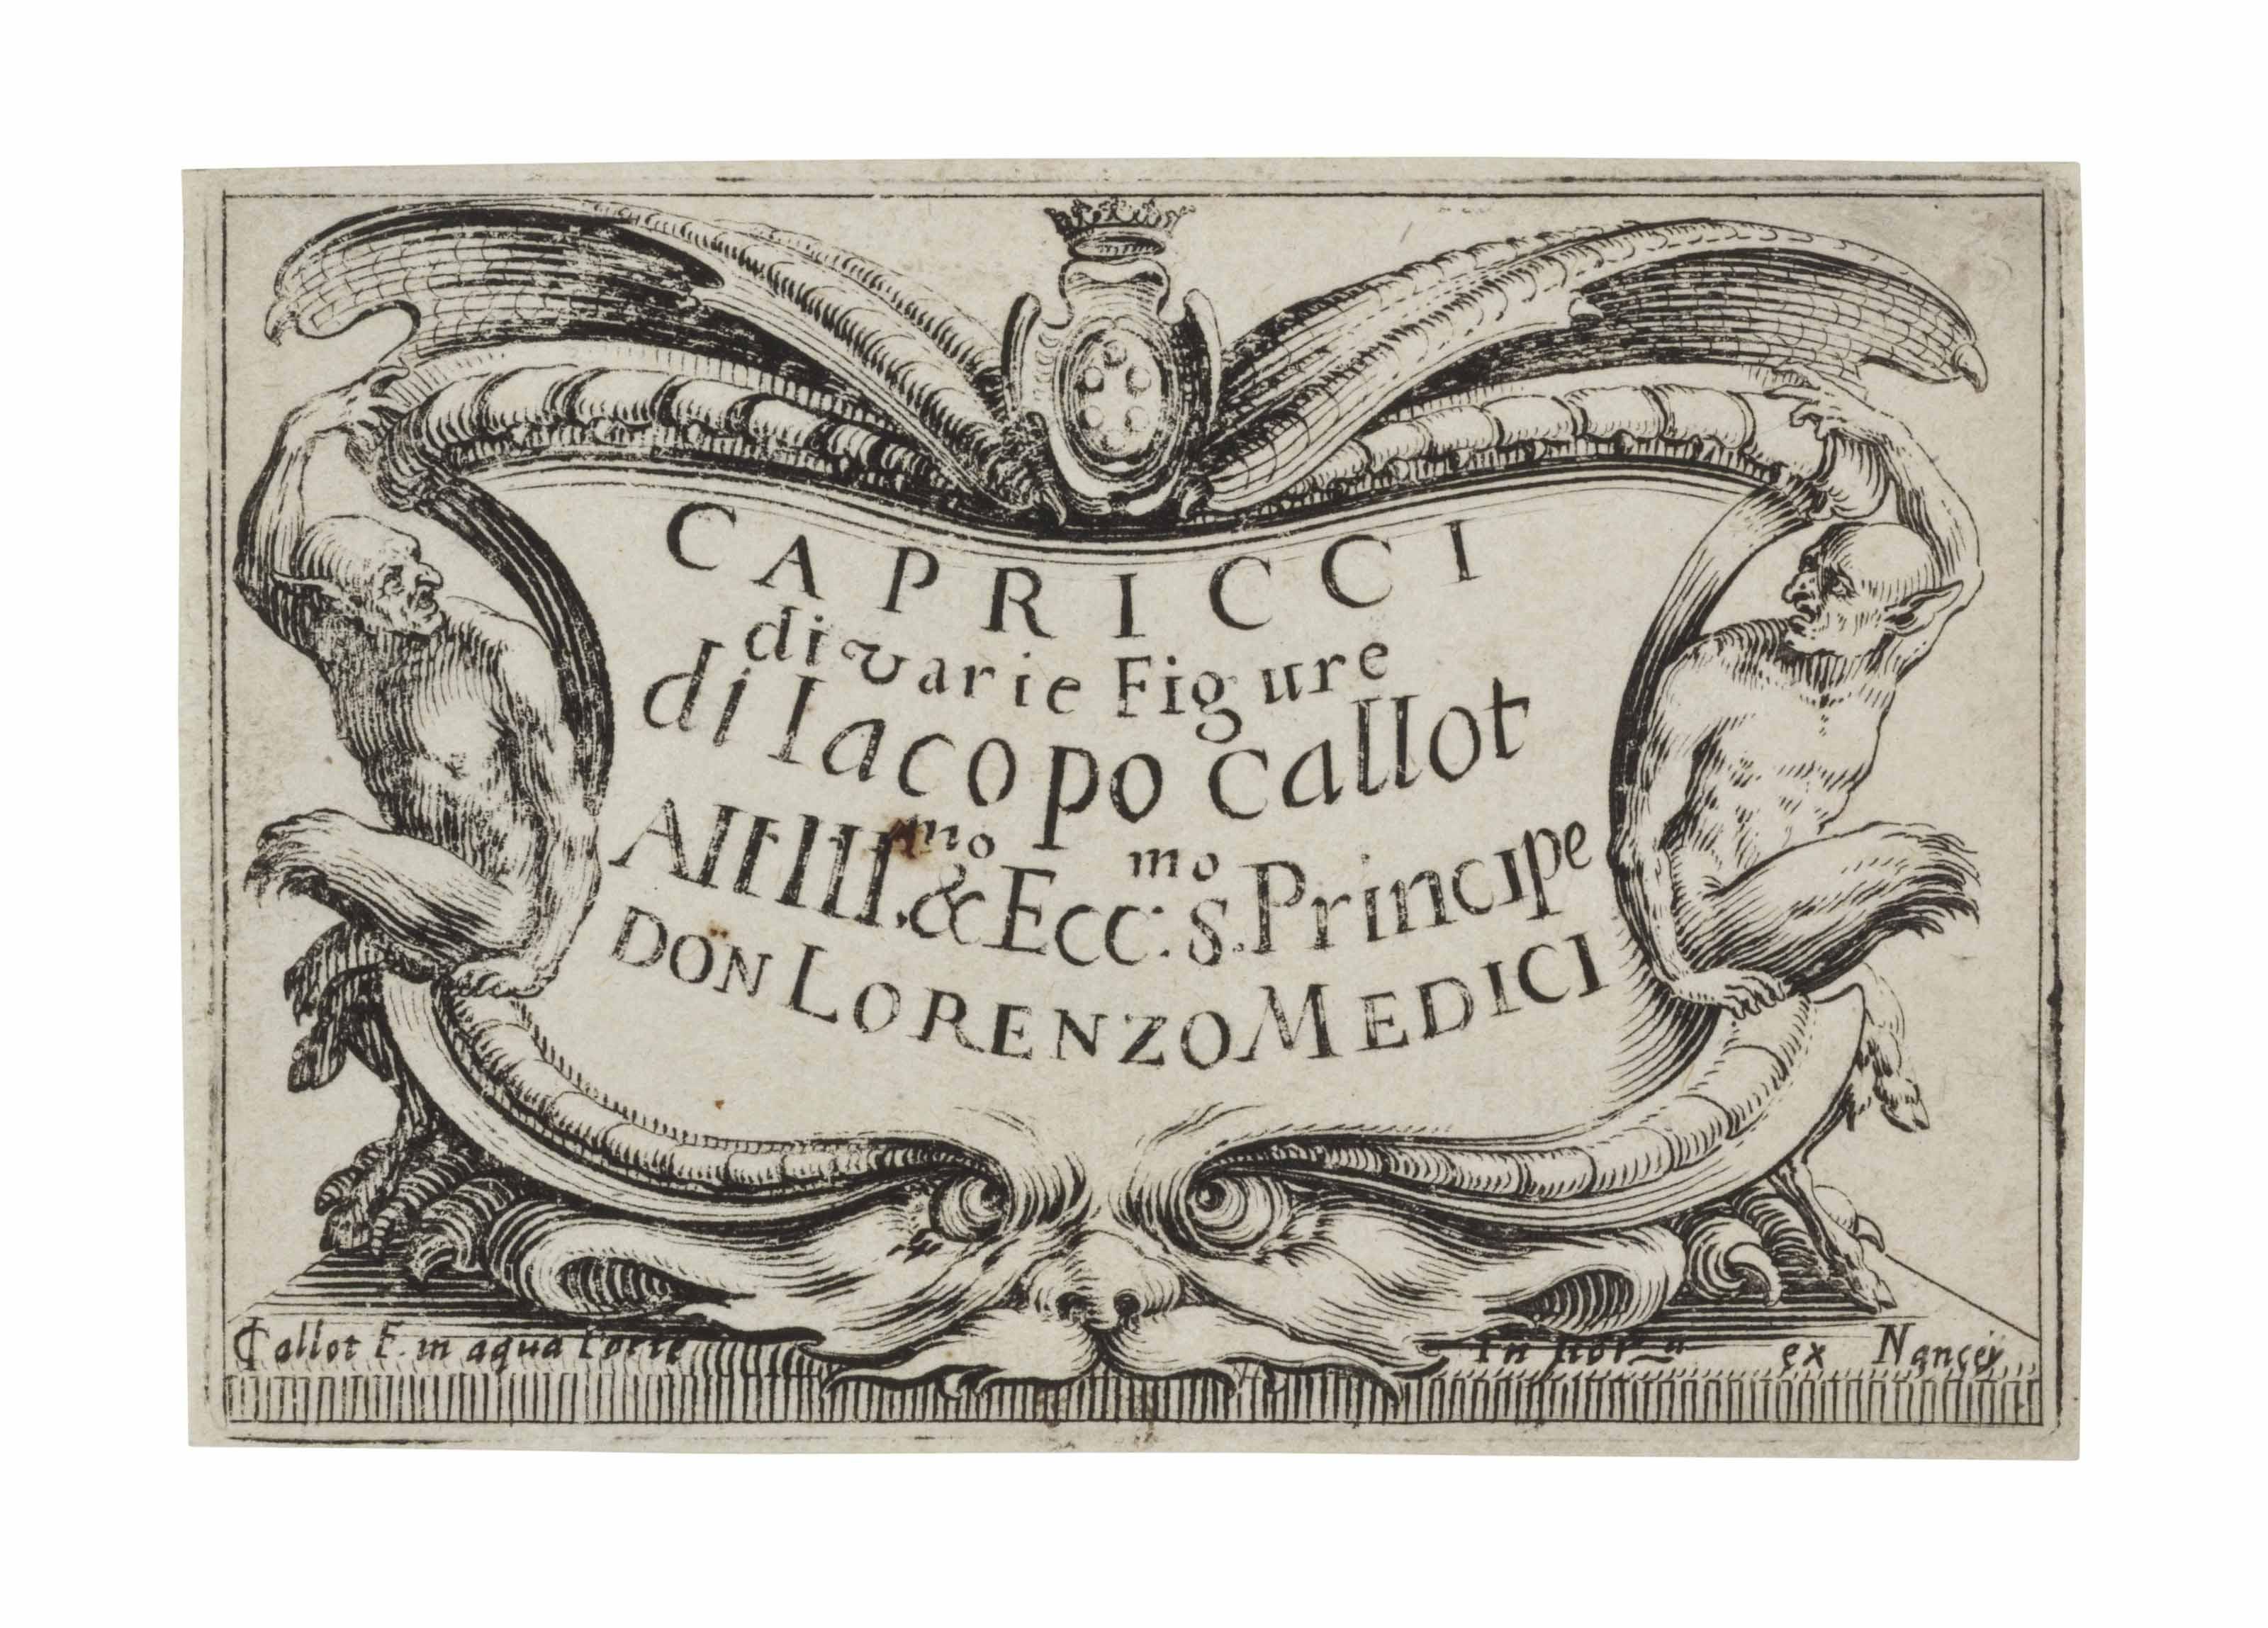 CALLOT, Jacques (circa 1592-1635).